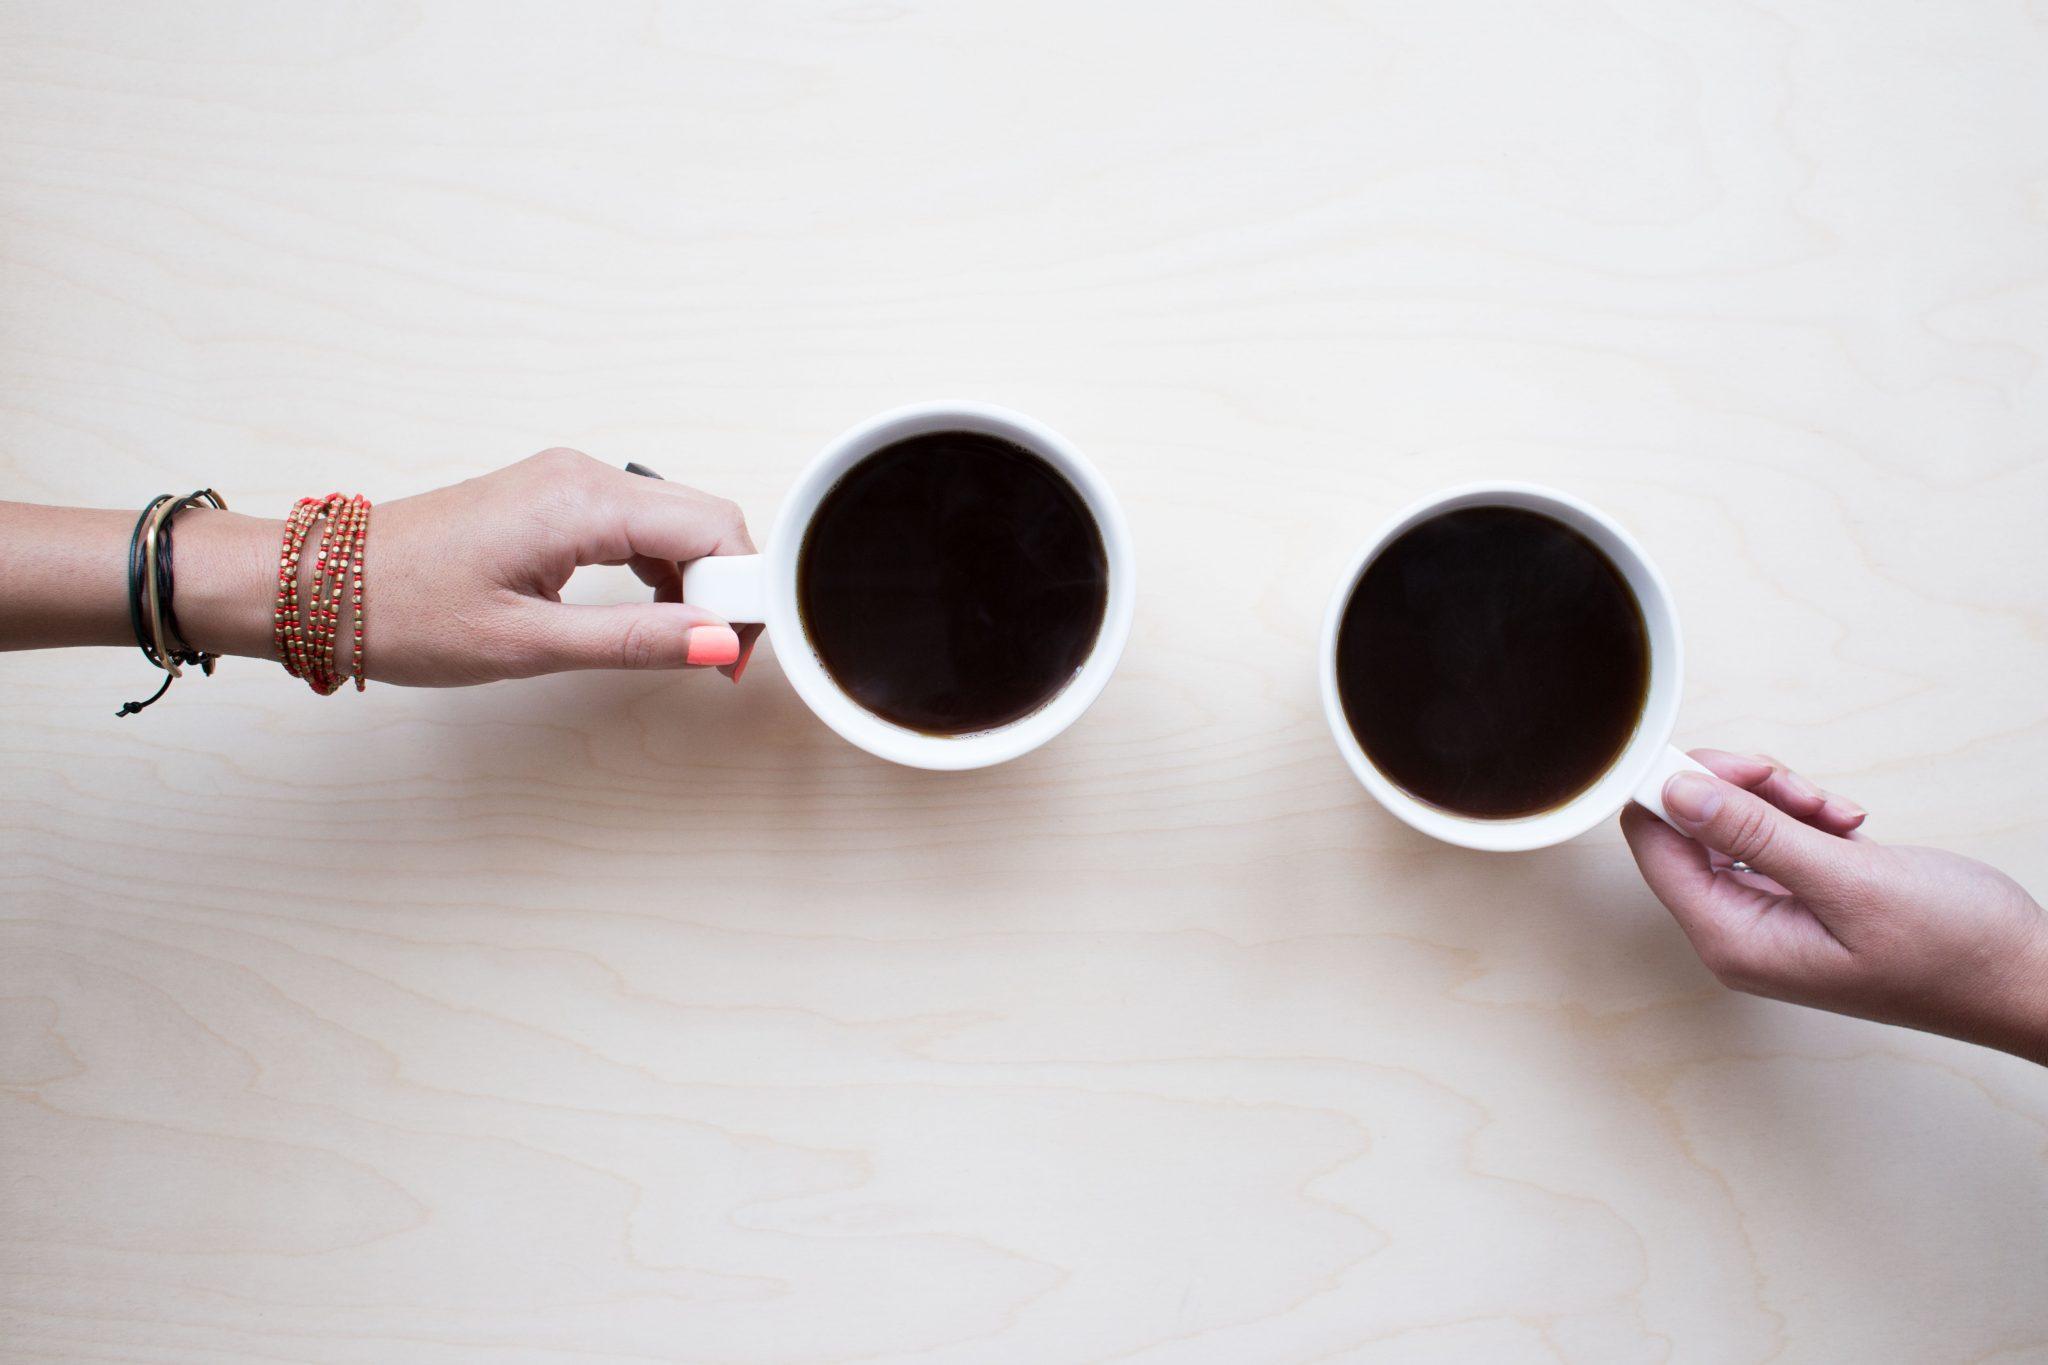 Partneralimentatie: welke keuze maak jij?